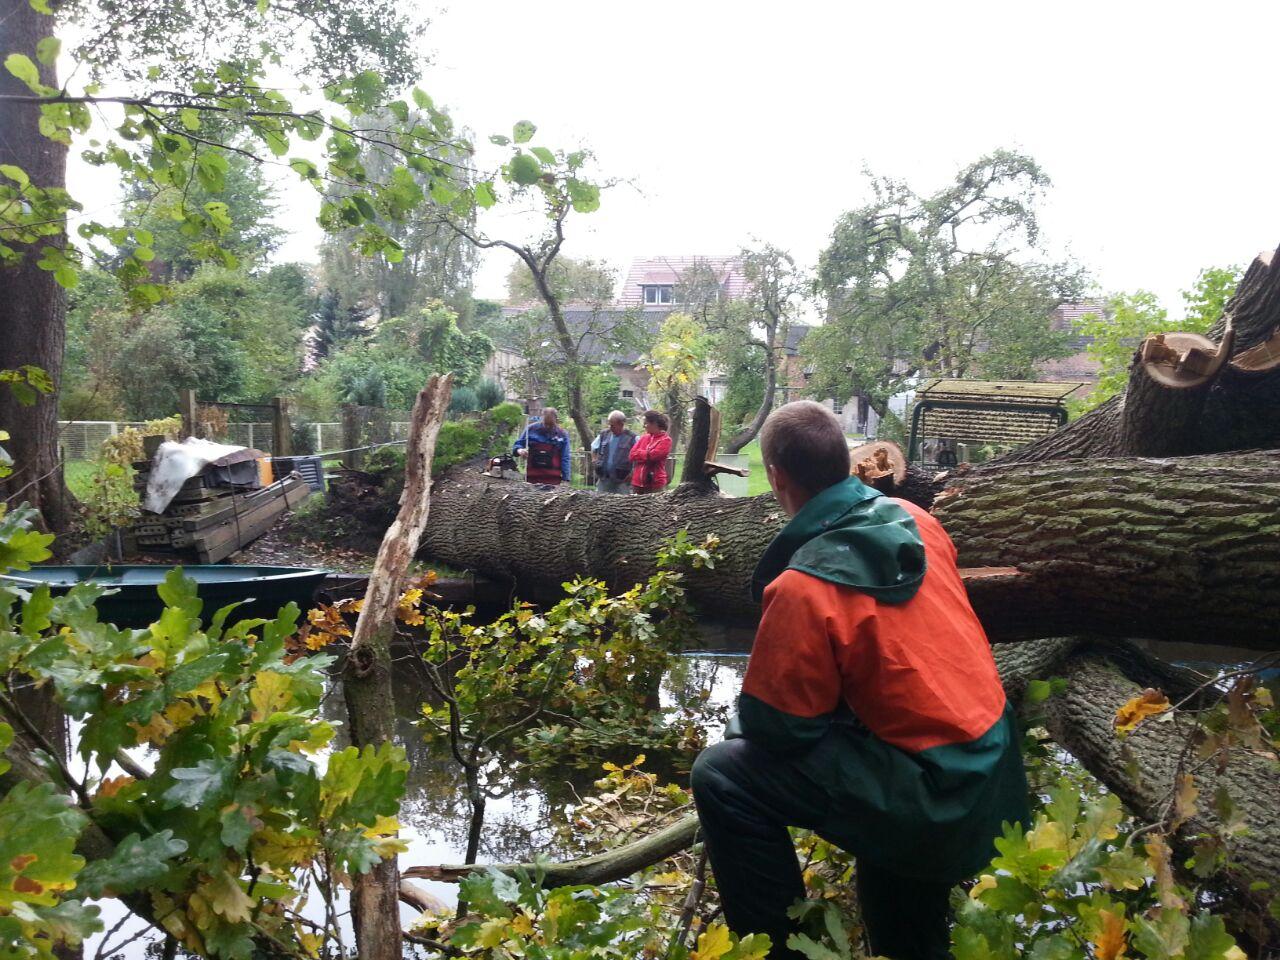 Mitarbeiter des Verbands beseitigen im Auftrag des LUGV Brandenburg eine umgebrochene Eiche am Hegensteinbach